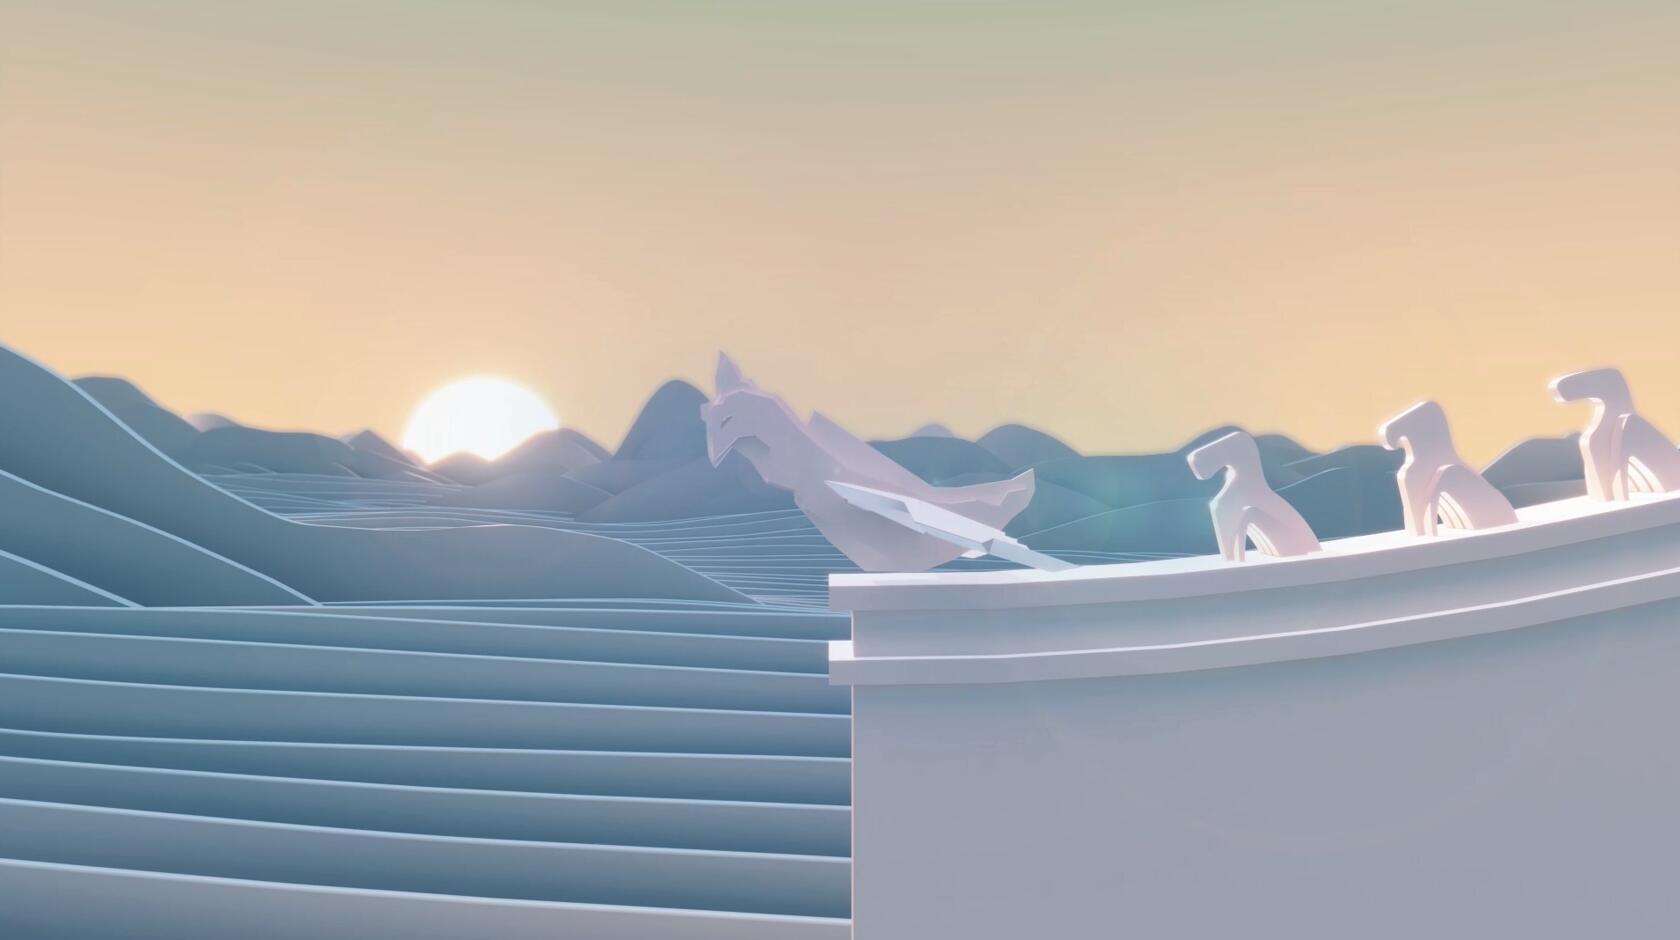 绿都-缦山云起